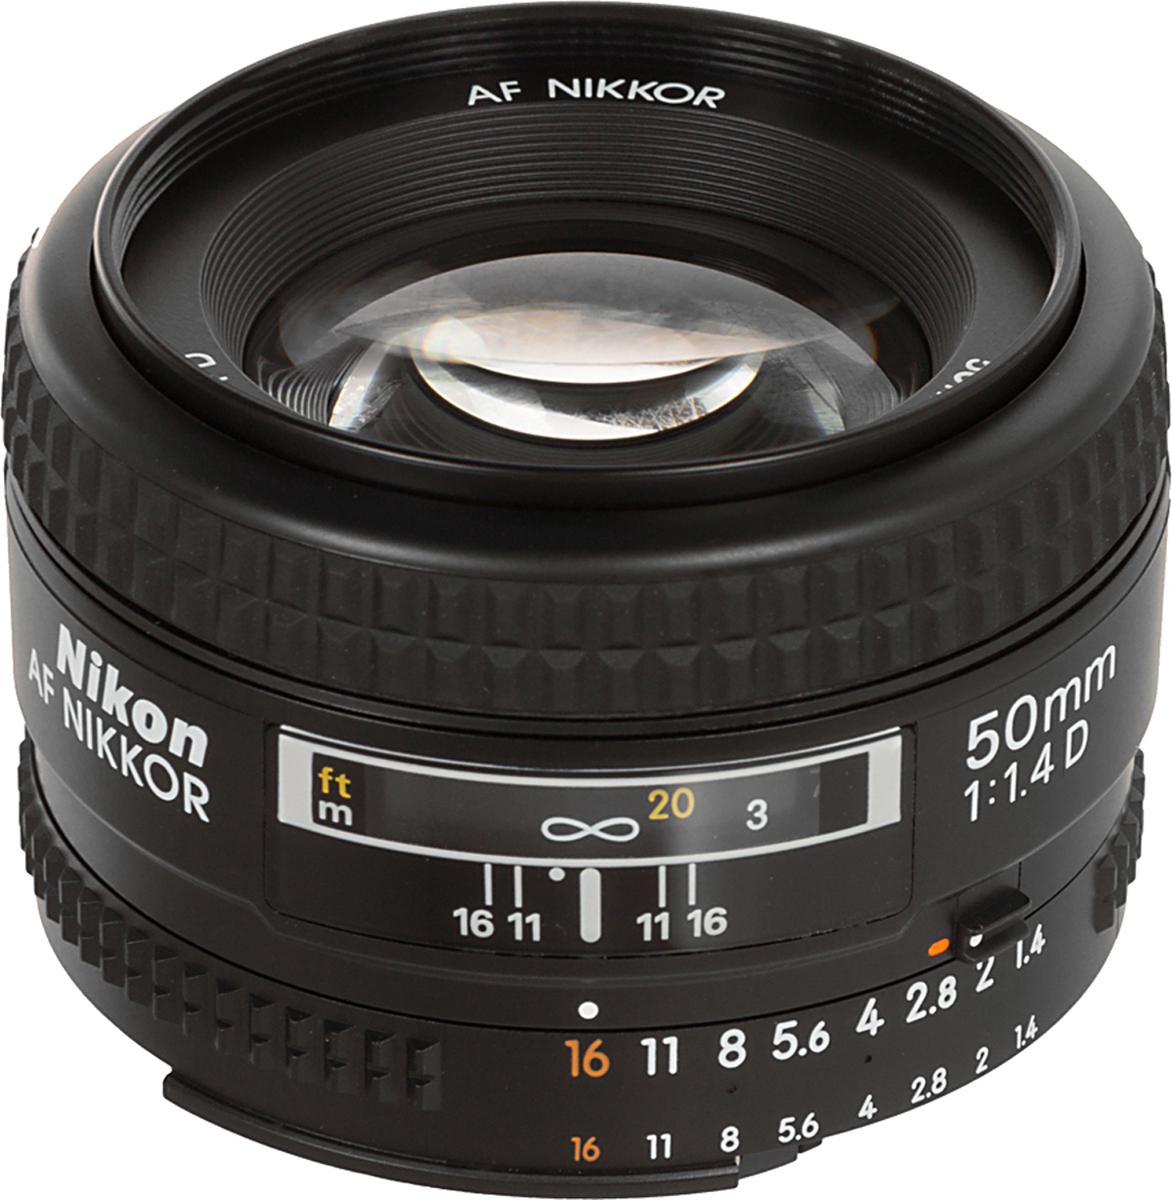 Nikon AF Nikkor 50mm F/1.4 объектив nikon af s nikkor 50mm f 1 4g